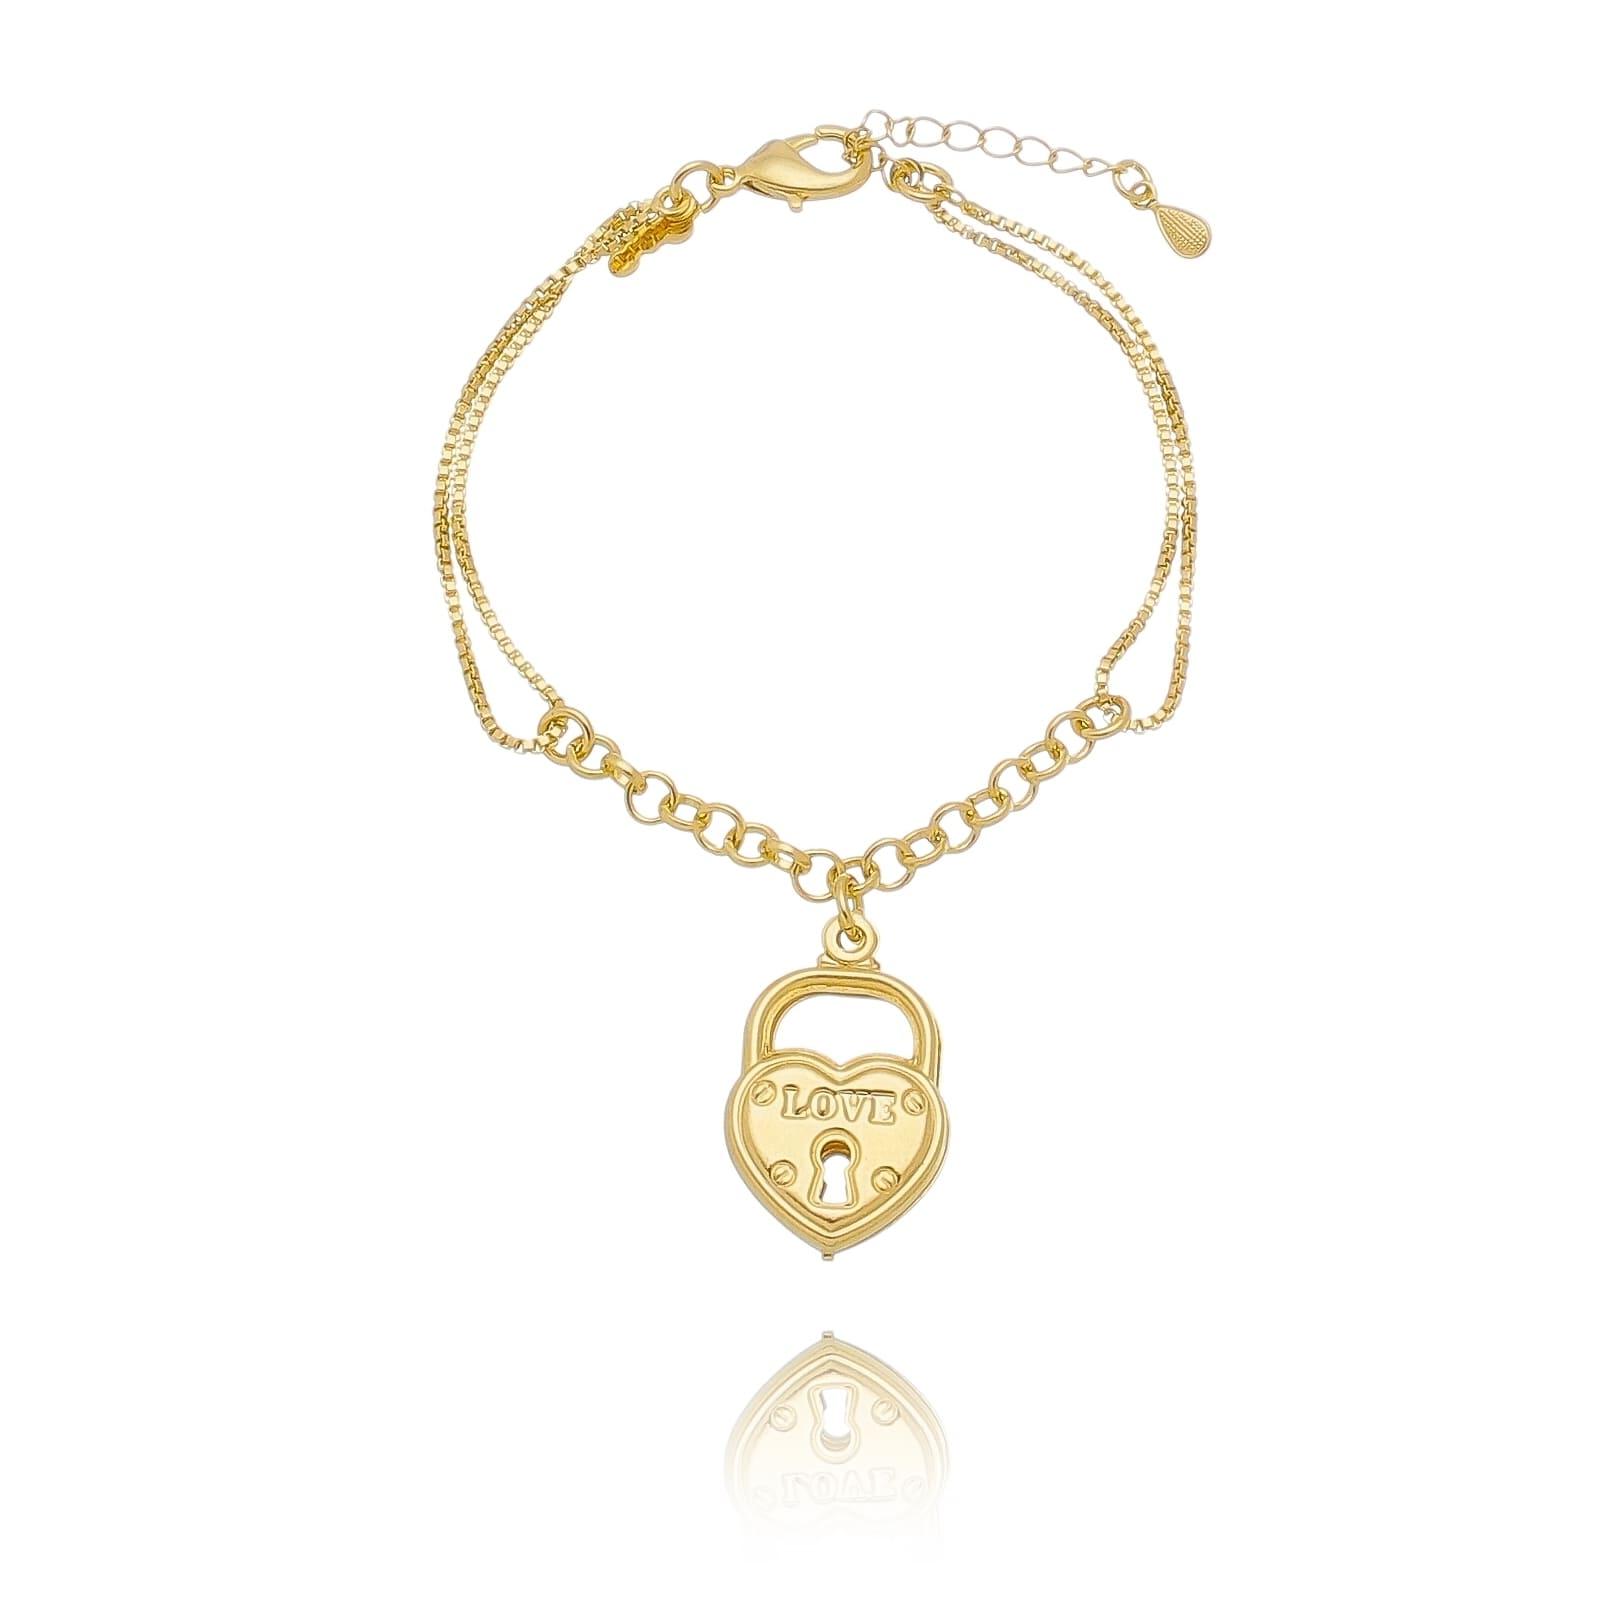 Pulseira 2 Elos com Pingente de Cadeado de Coração Folheado em Ouro 18k - Giro Semijoias